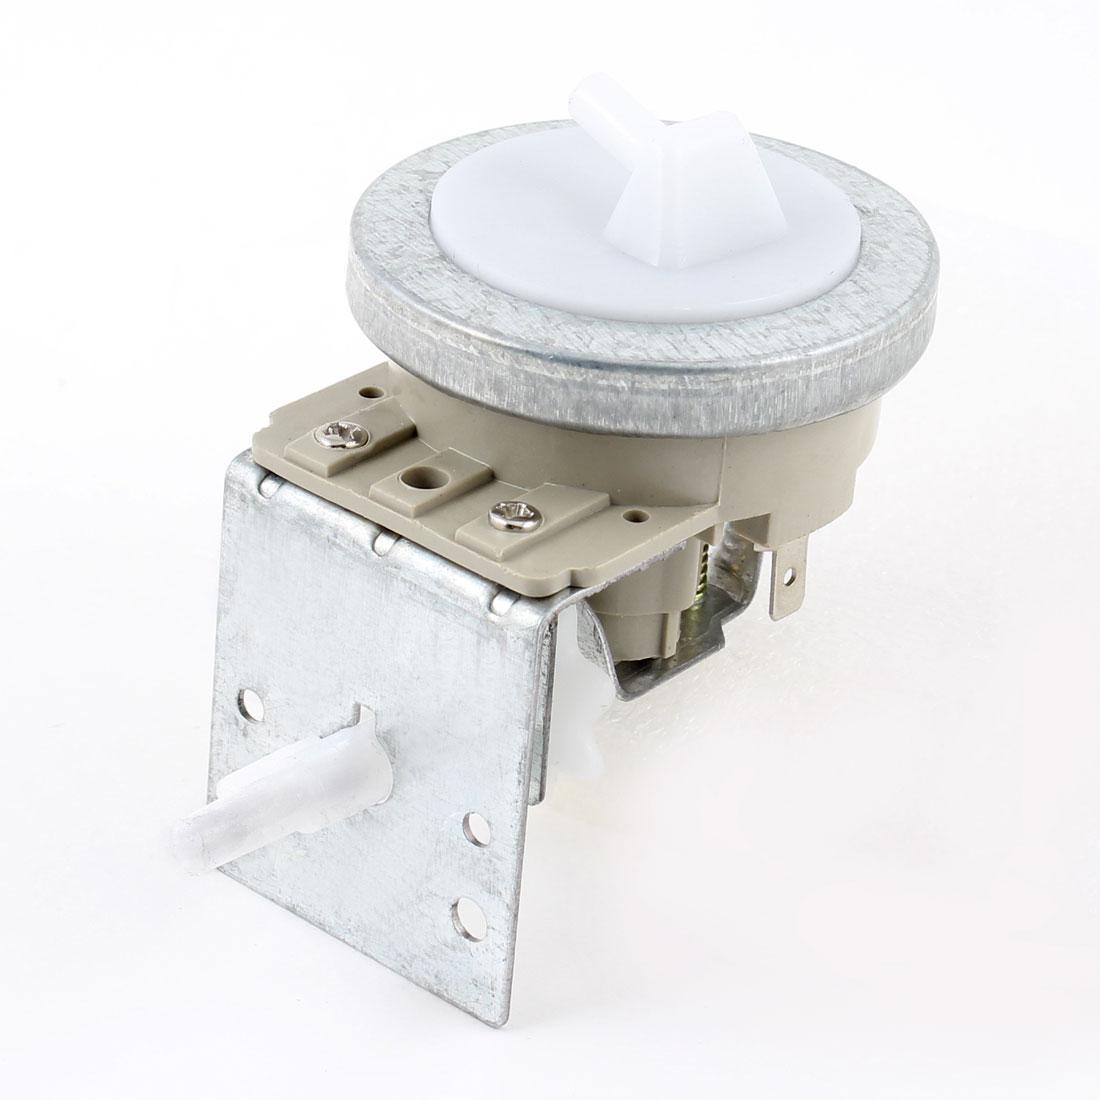 Laundry Washing Machine Washer Water Level Switch DC 6V 10mA